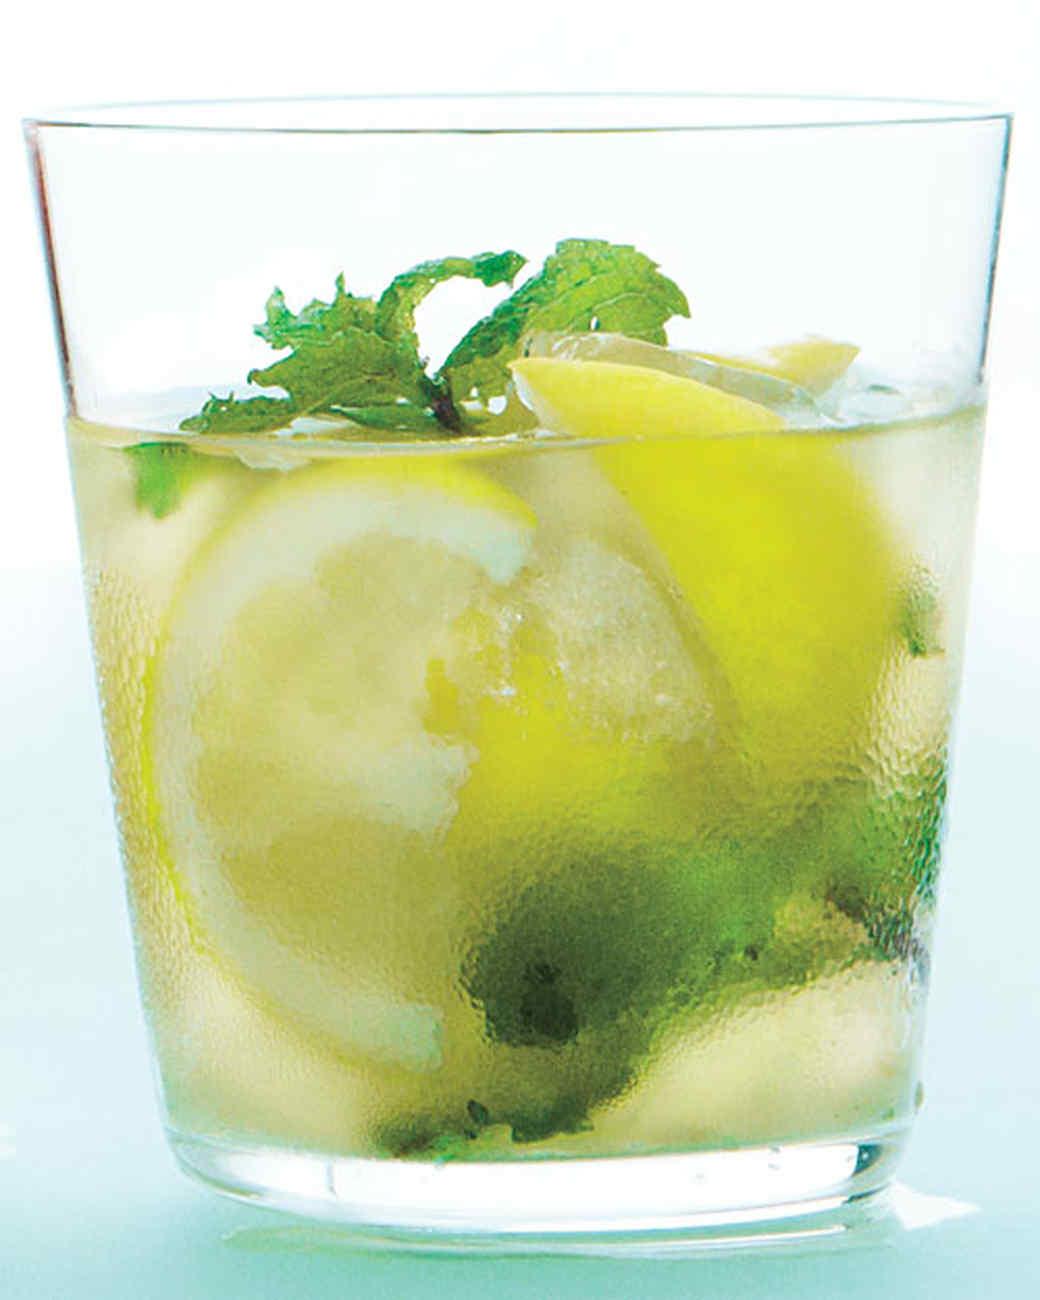 ginger-mint-lemonade-0711mbd107405.jpg